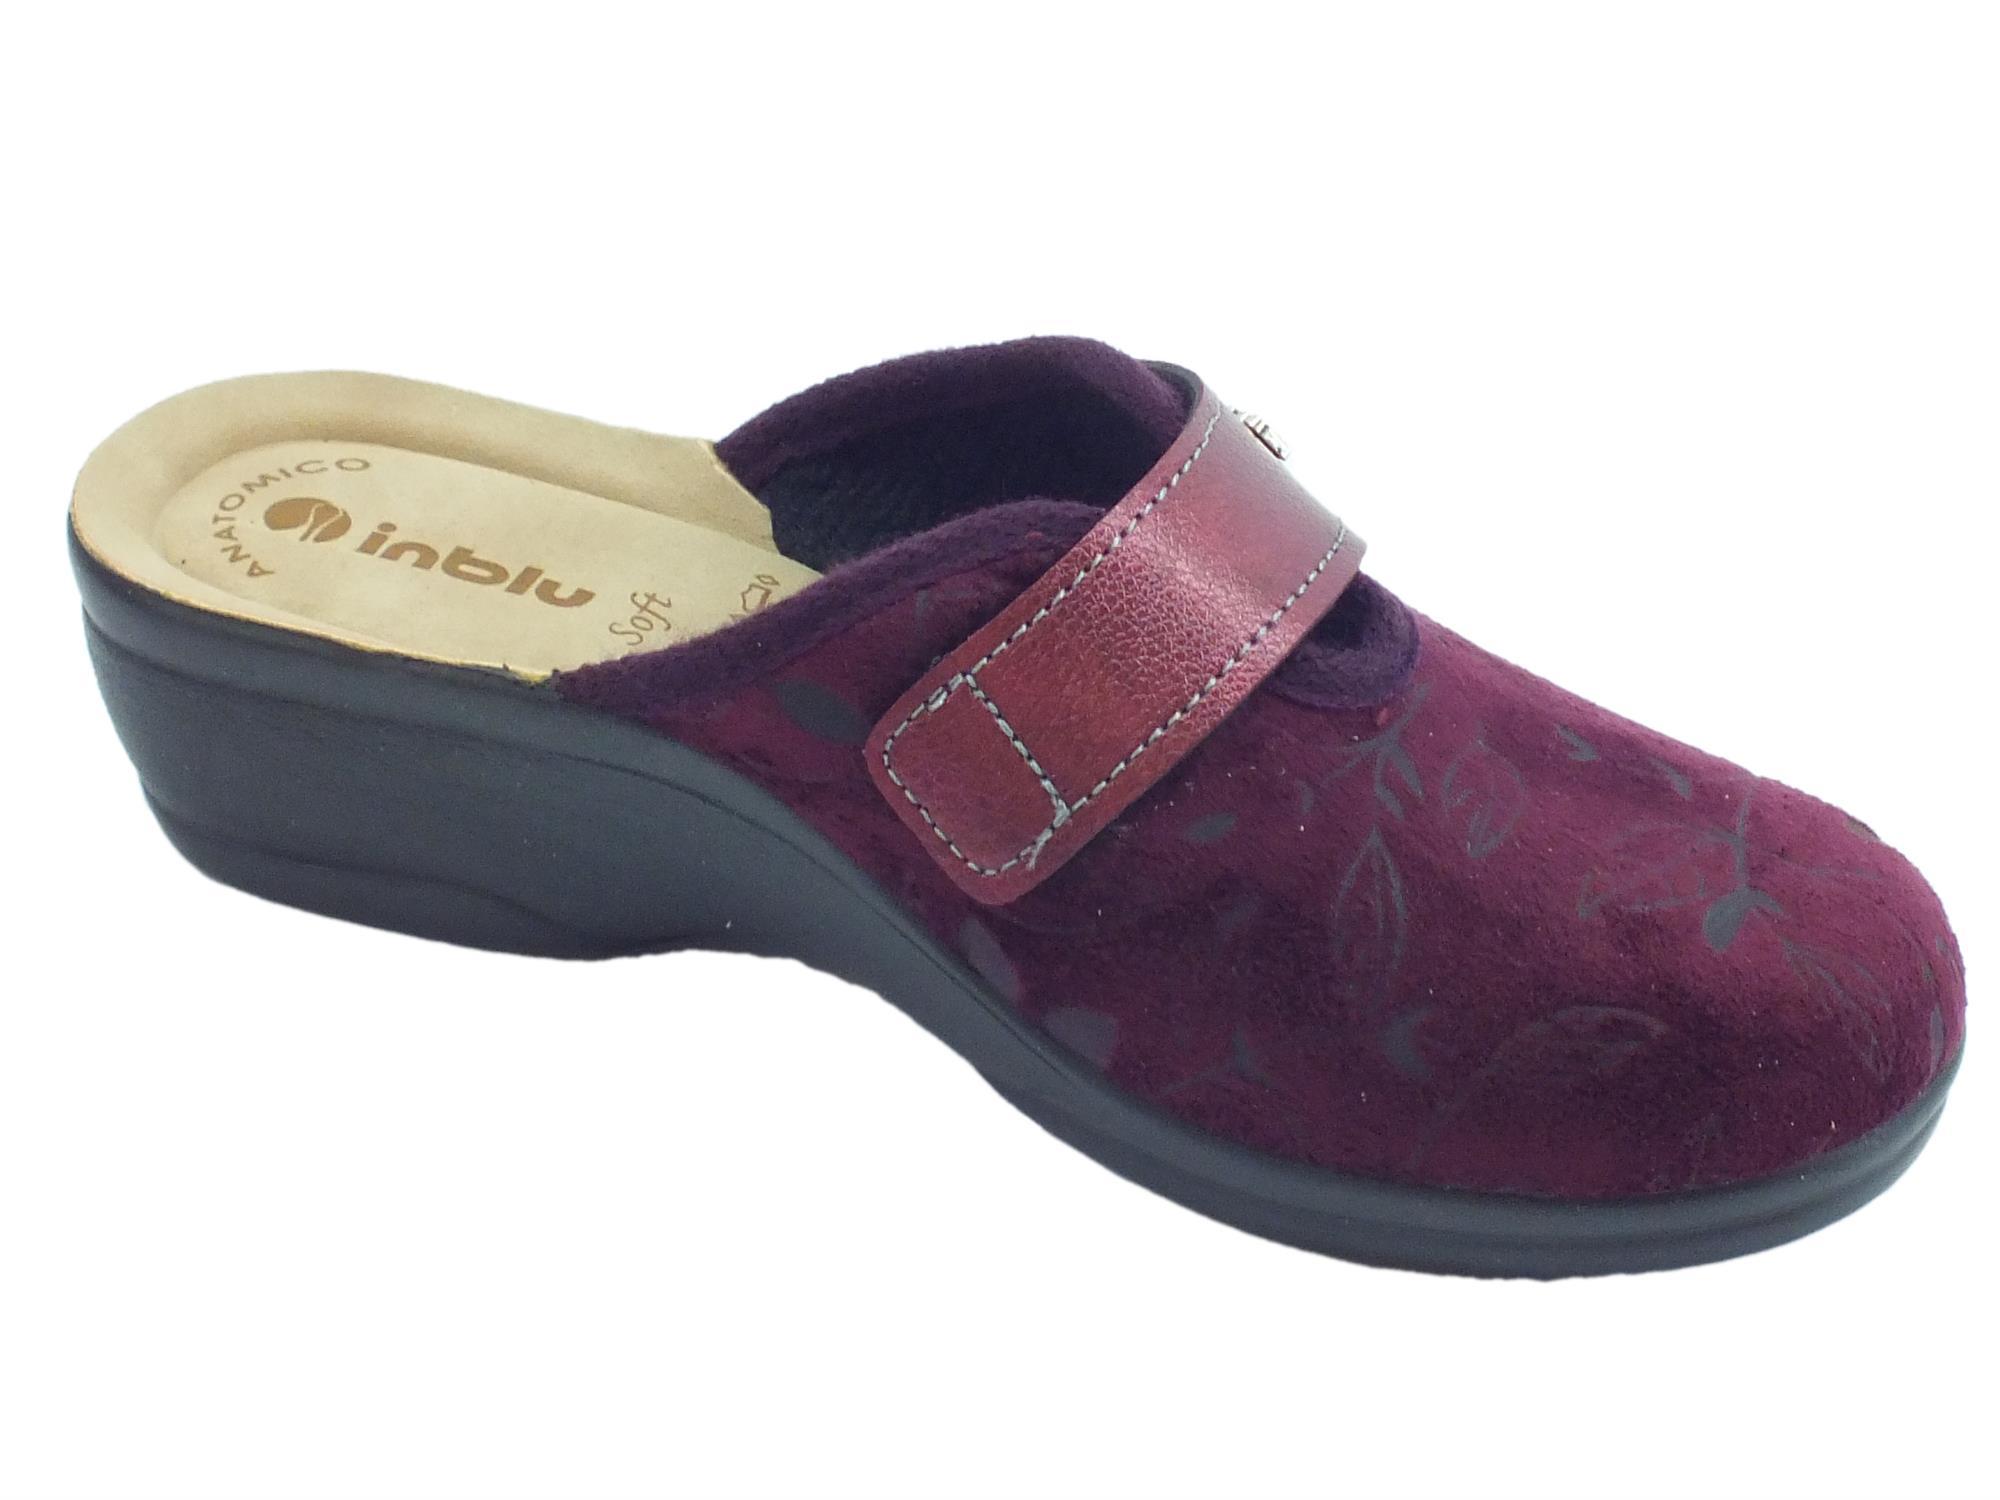 ... Pantofole InBlu per donna in tessuto Prugna con regolazione a strappo  ... 3c73151be64